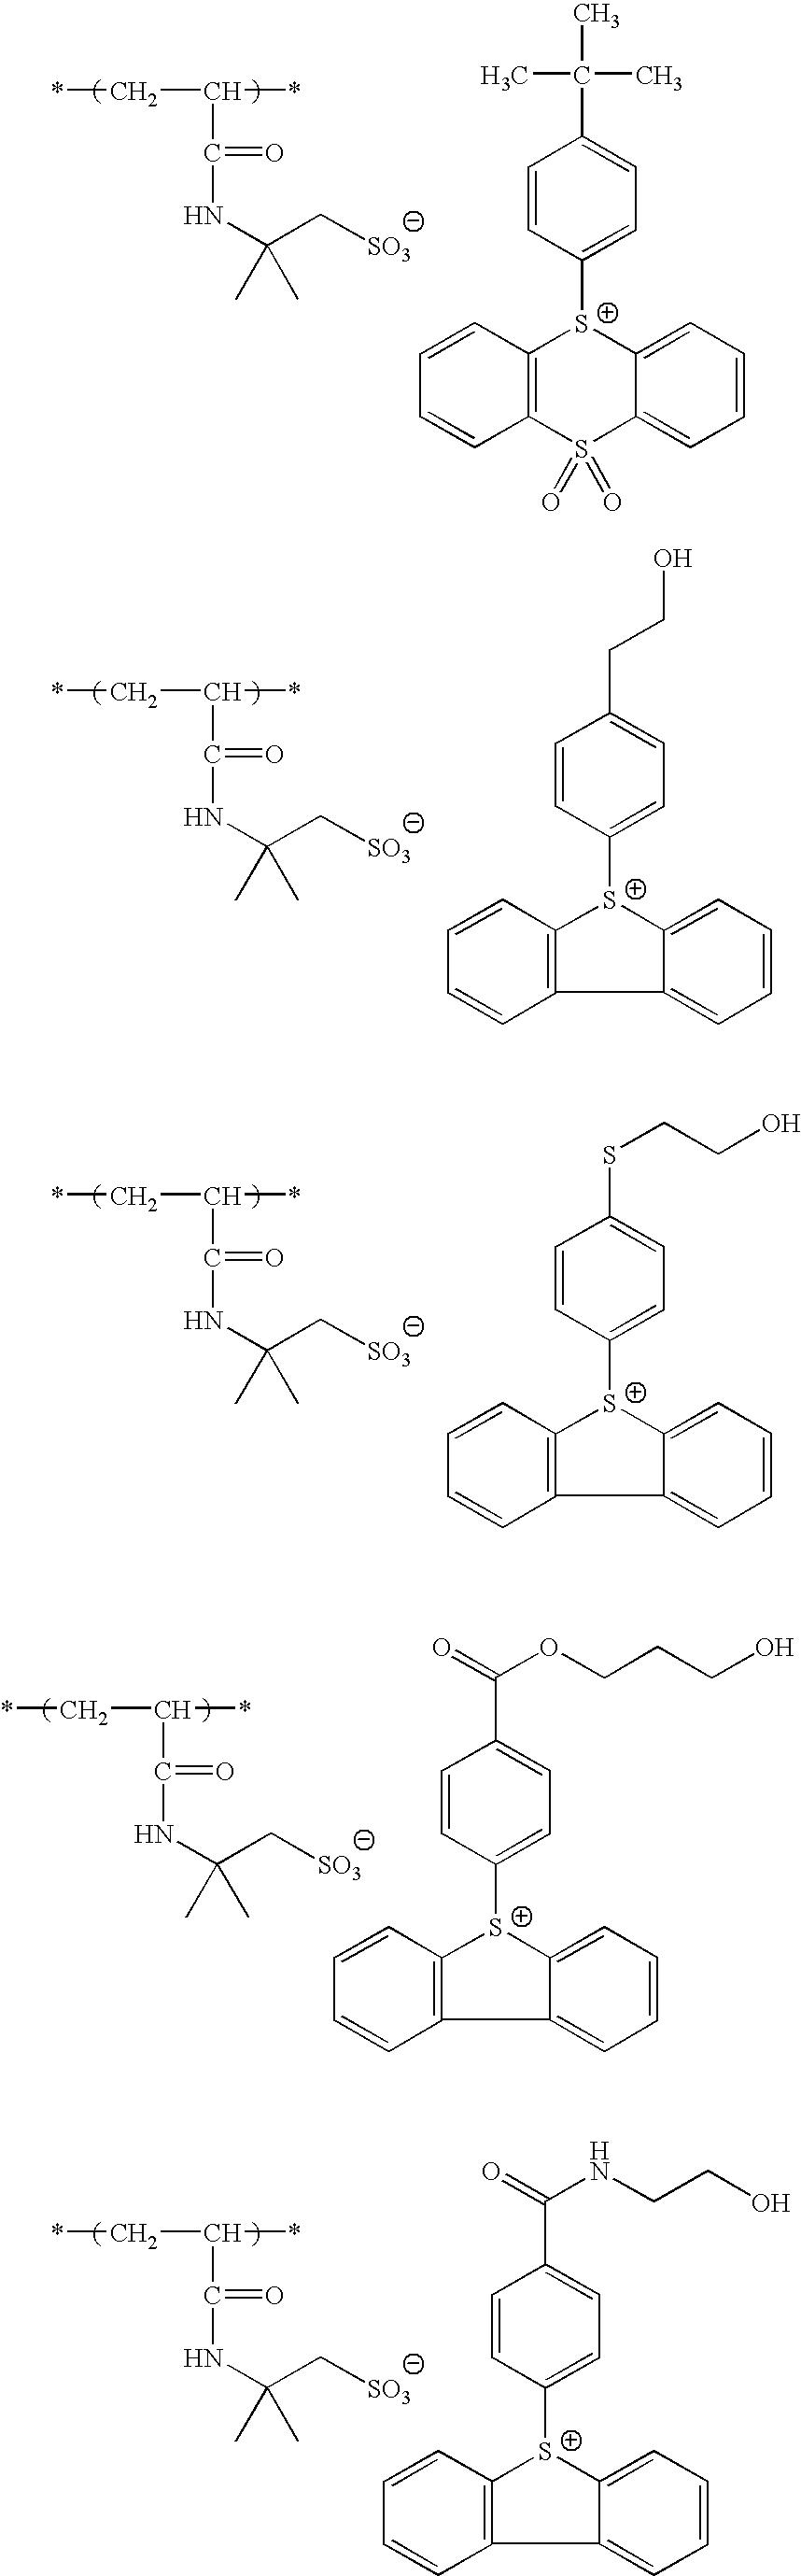 Figure US20100183975A1-20100722-C00076